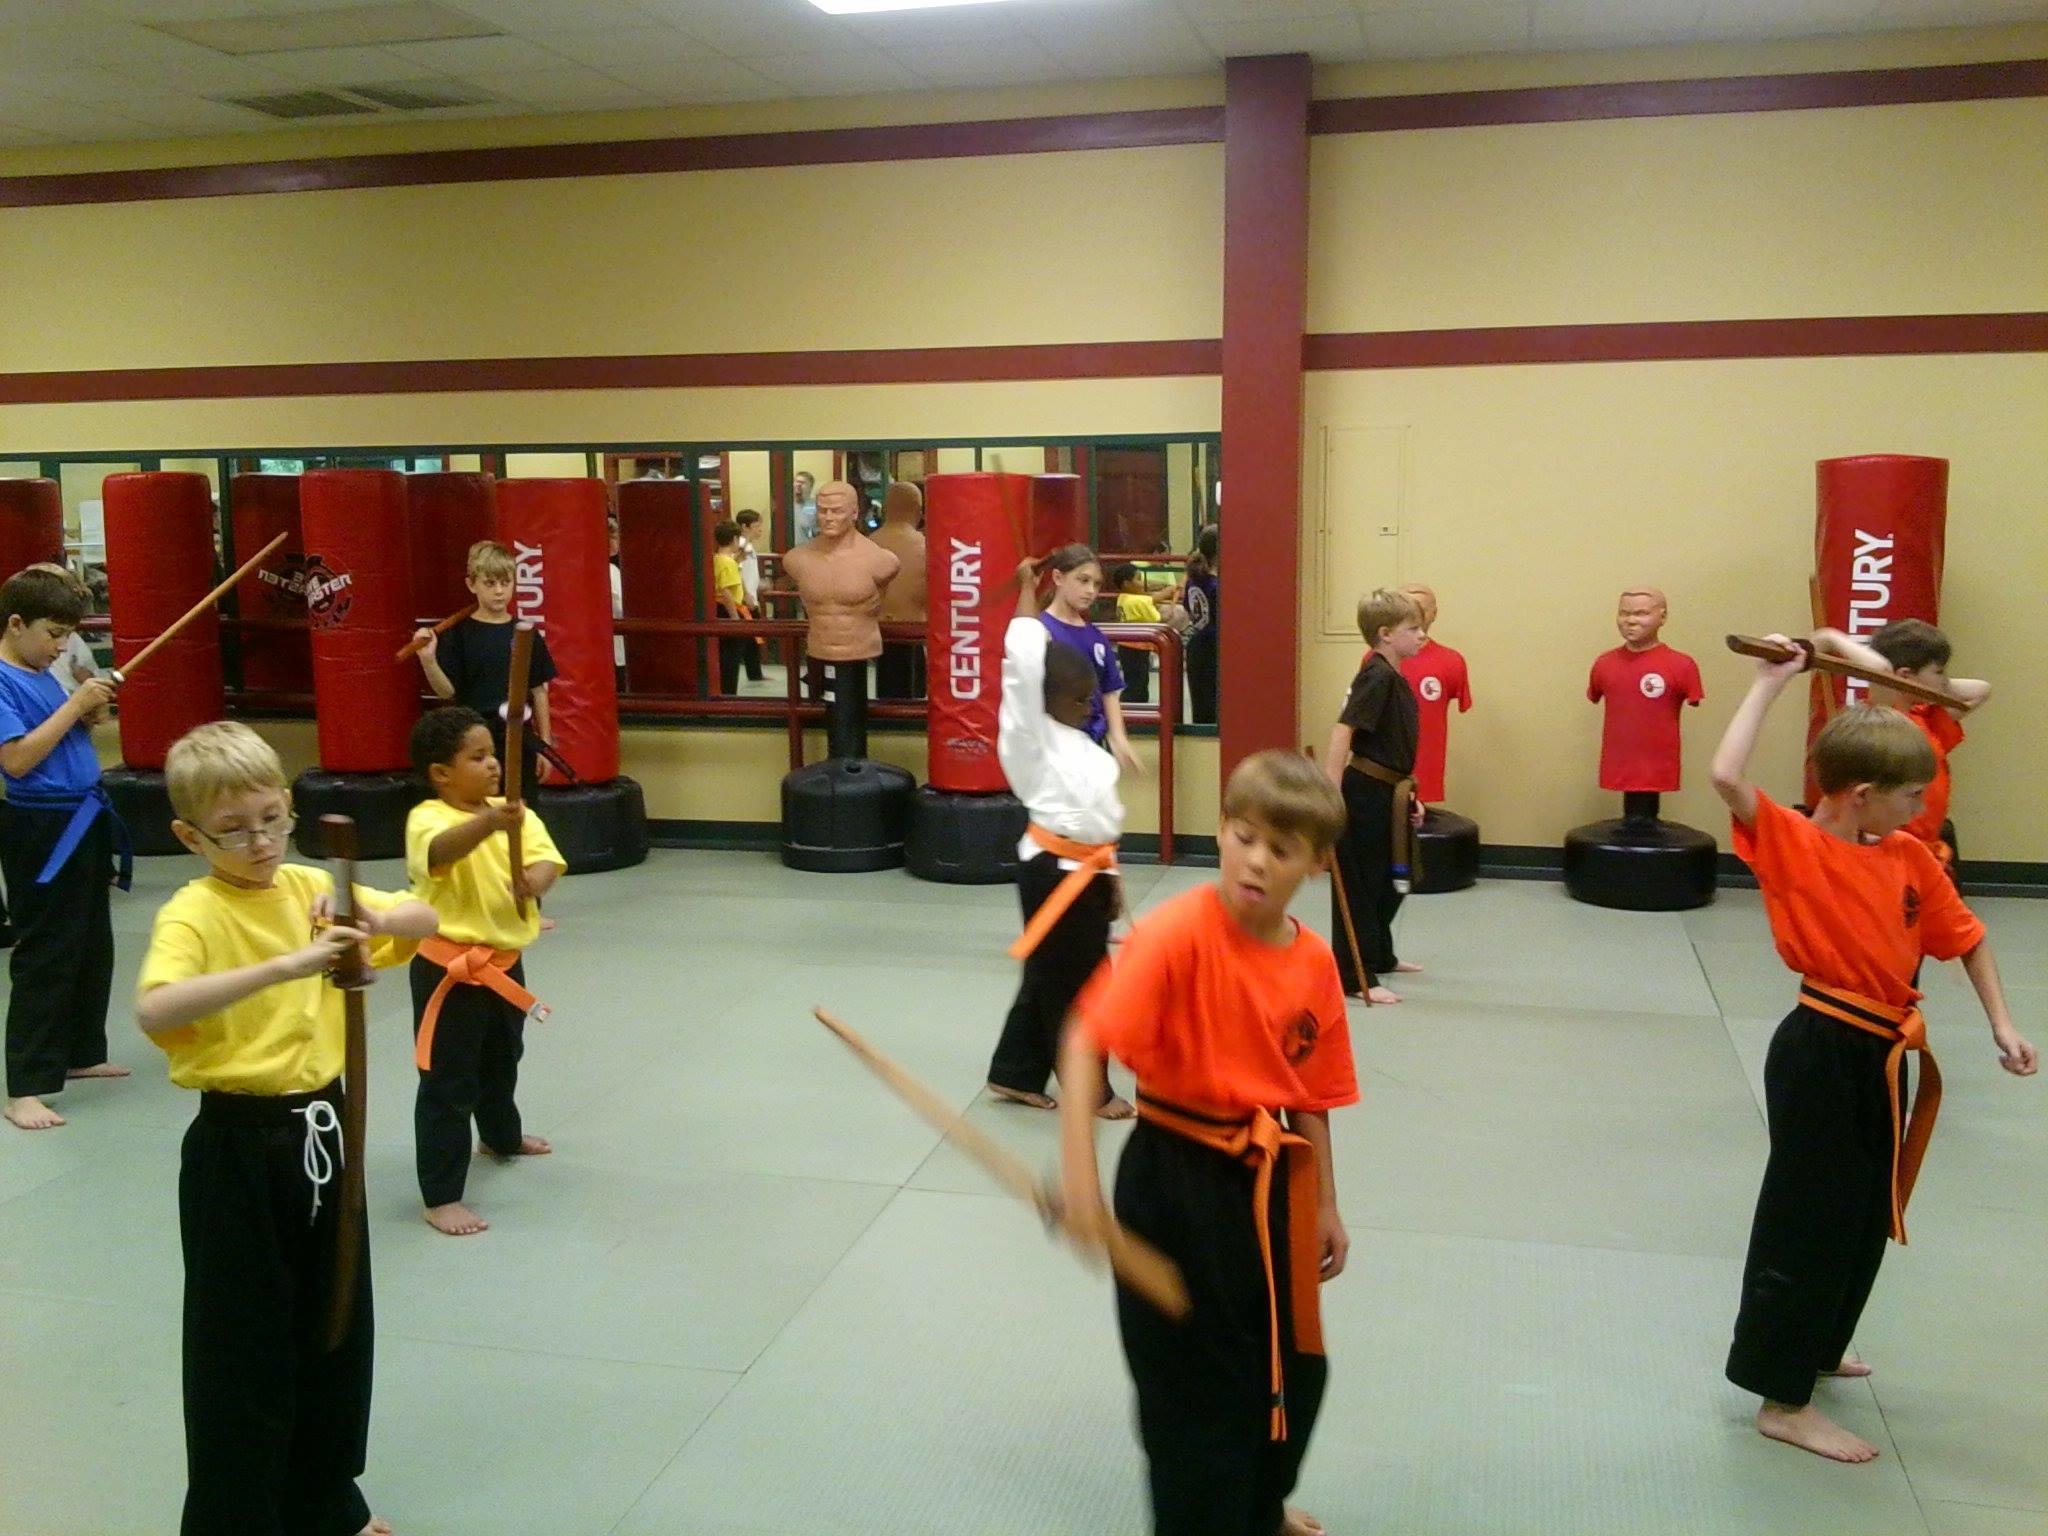 Trent Graham's Taekwondo Academy image 1